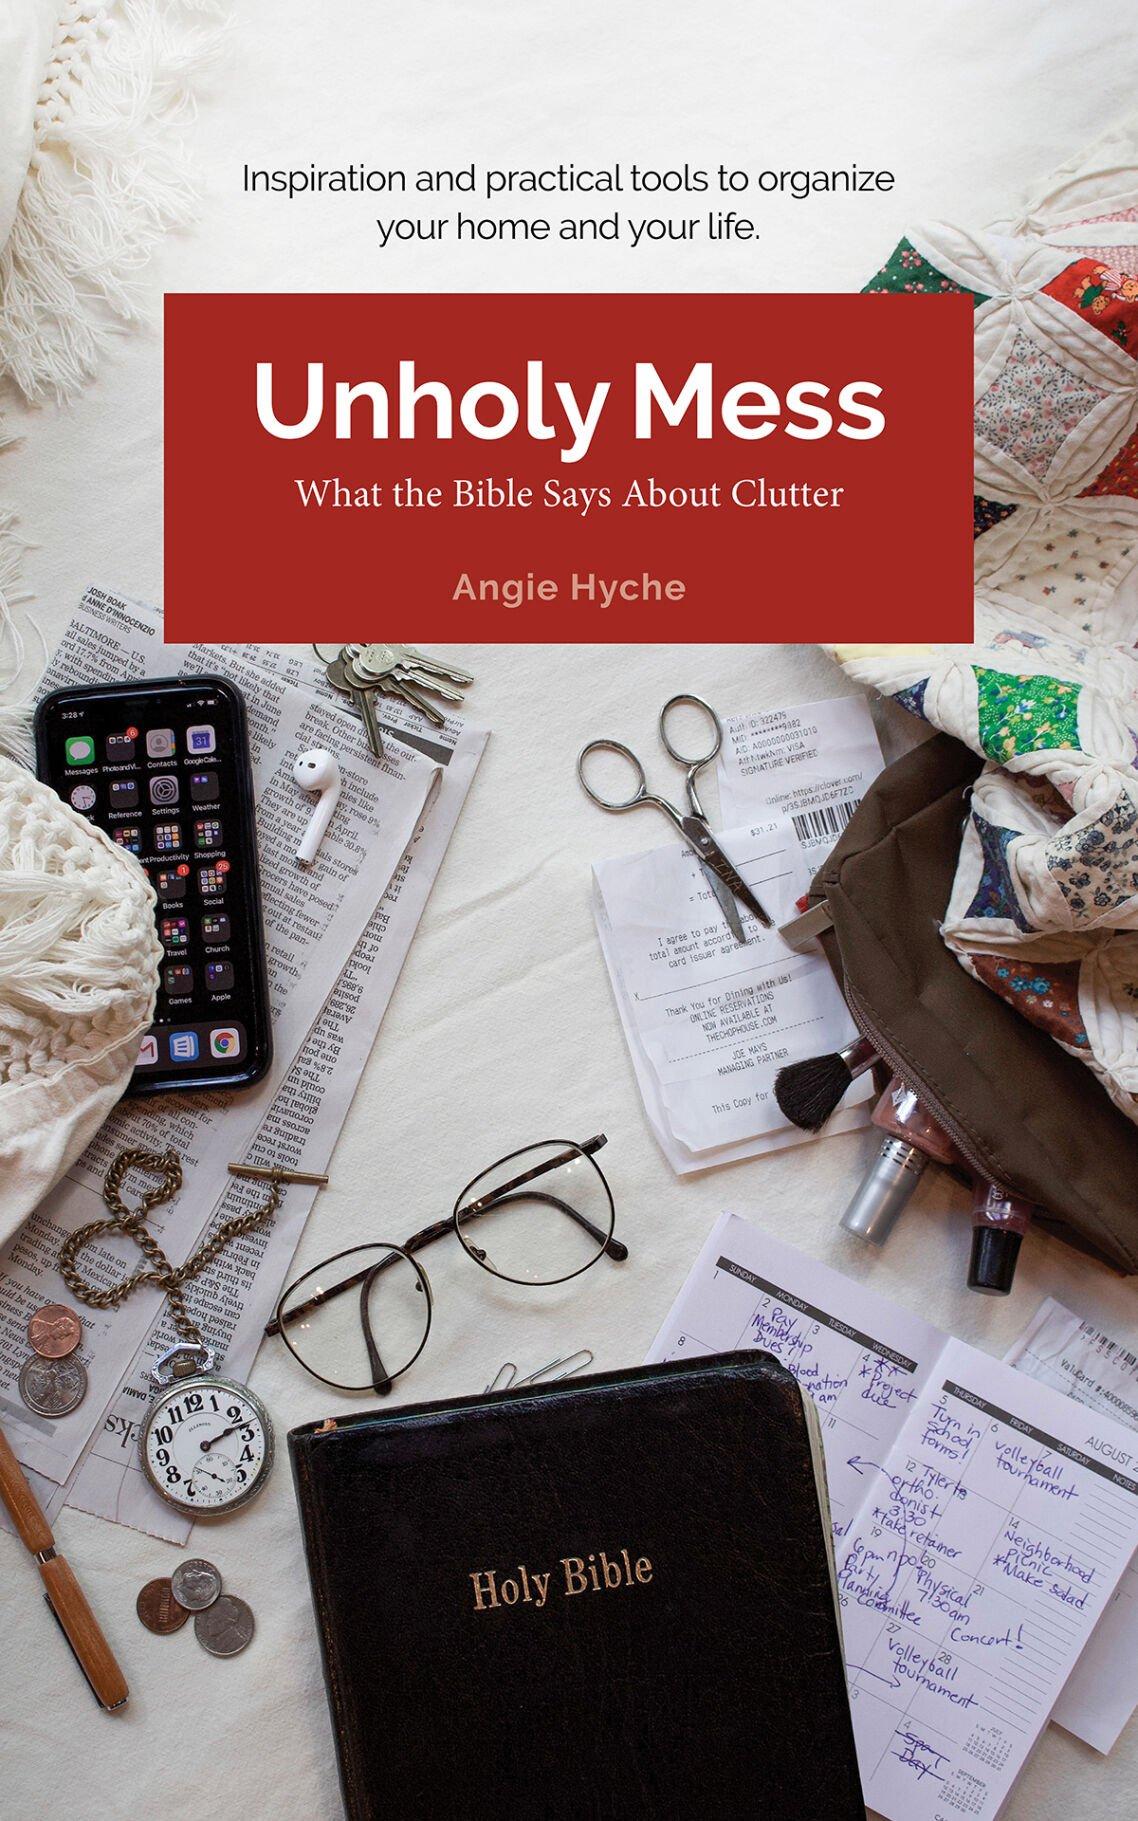 Unholy Mess